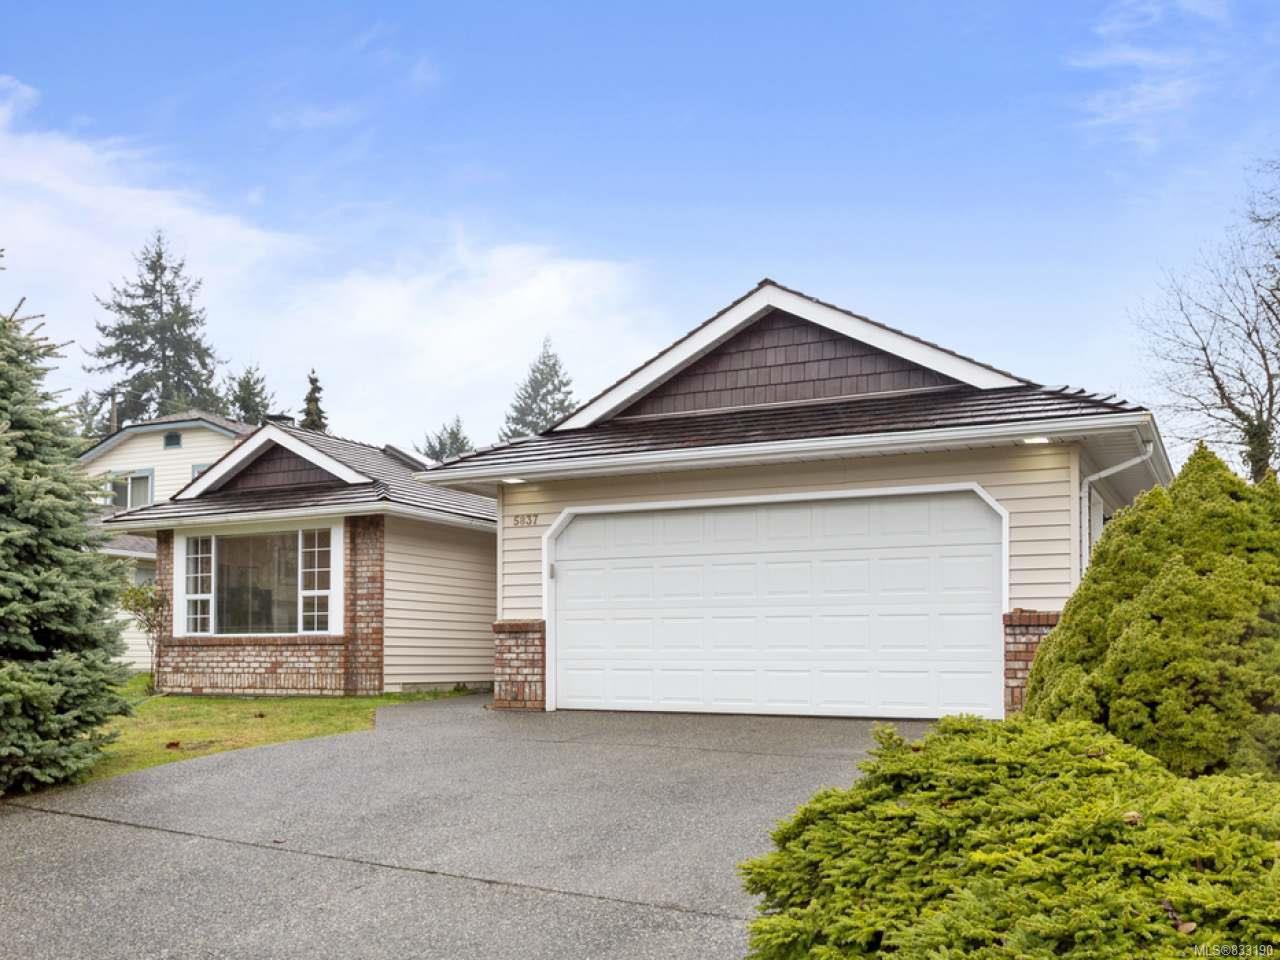 Main Photo: 5837 Brigantine Dr in NANAIMO: Na North Nanaimo House for sale (Nanaimo)  : MLS®# 833190